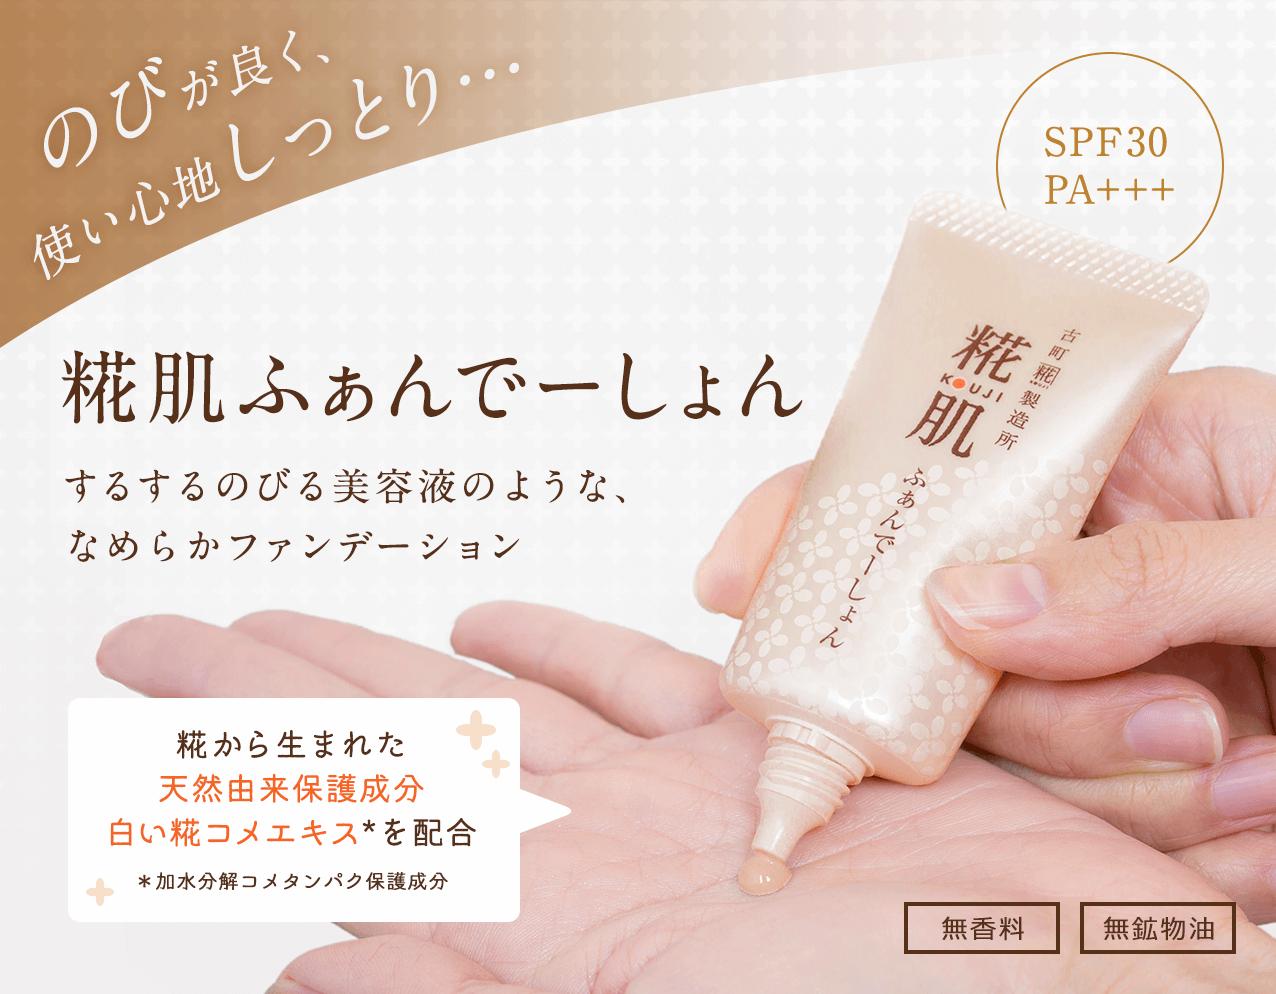 のびが良く、使い心地しっとり… 糀肌ふぁんでーしょん するするのびる美容液のような、なめらかファンデーション SPF30 PA+++